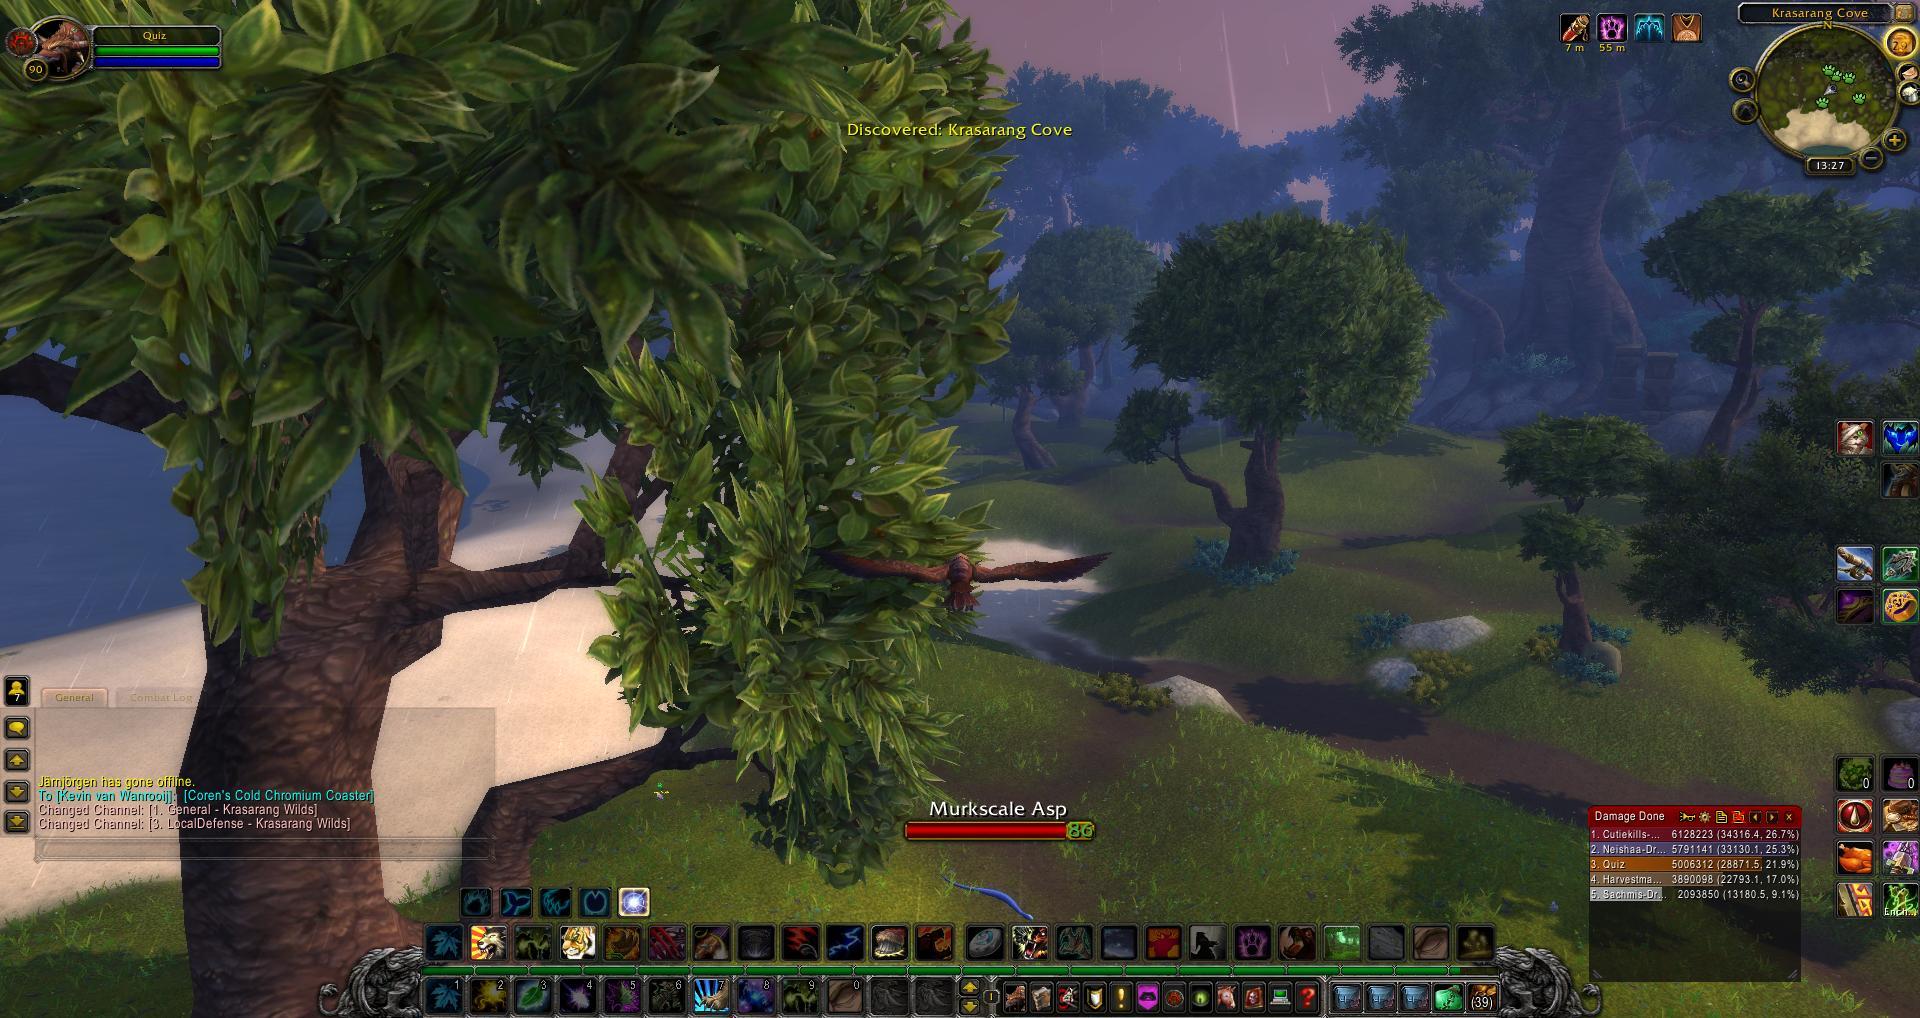 Krasarang Cove wow screenshot - Gamingcfg com